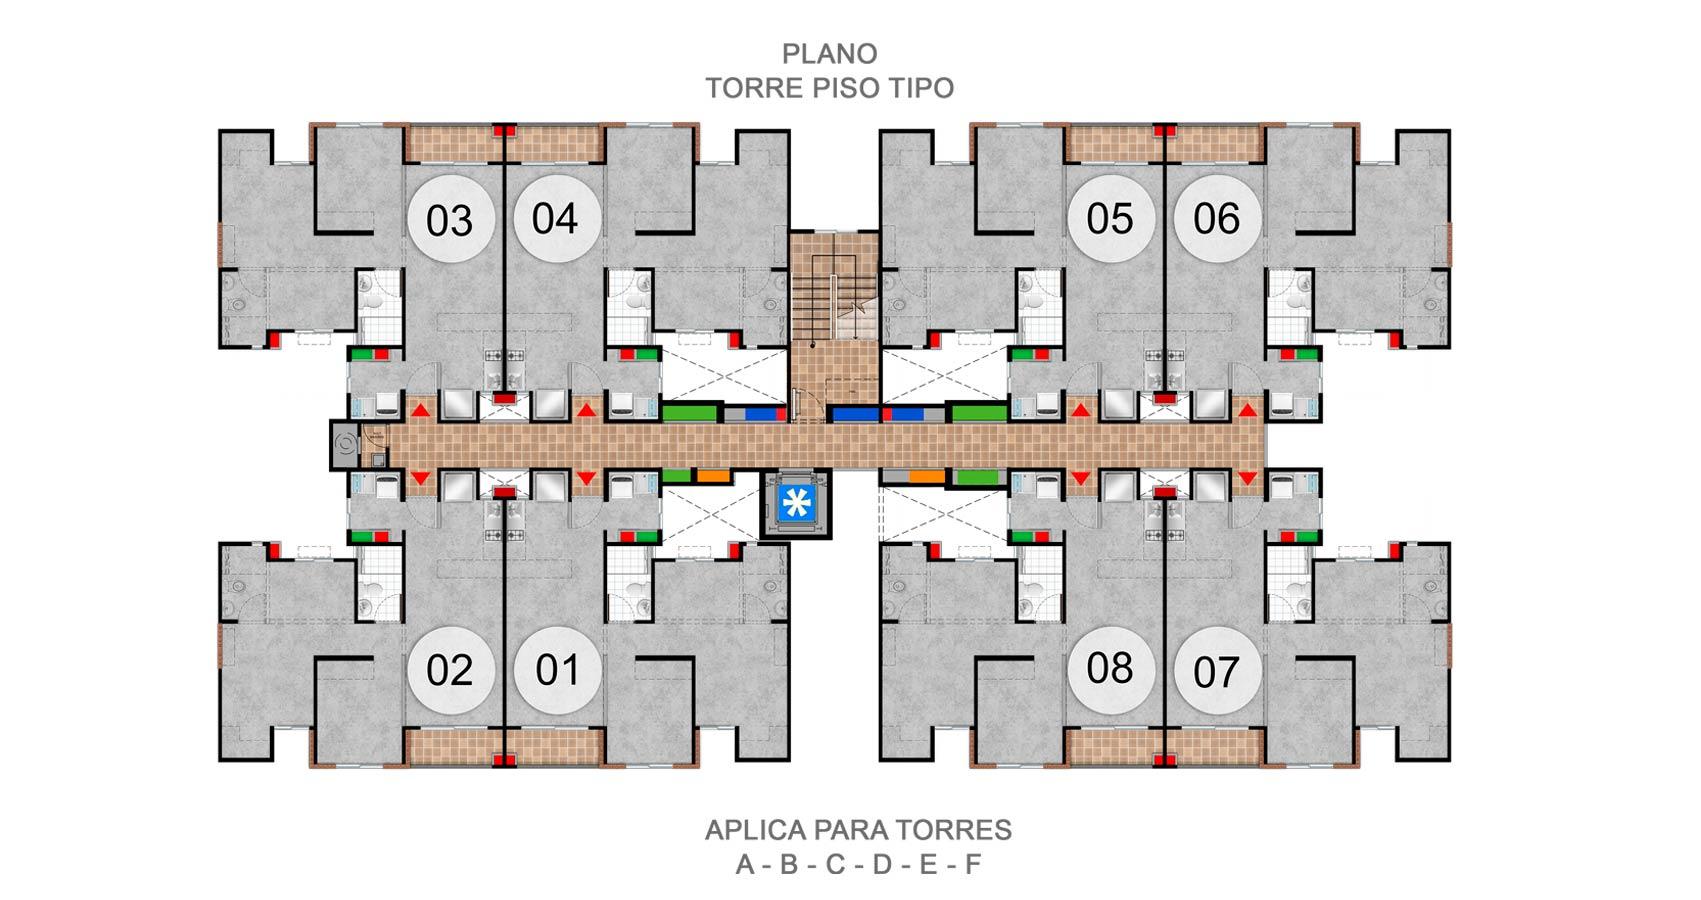 caracoli proyecto de vivienda en valle del lili, constructora bolivar